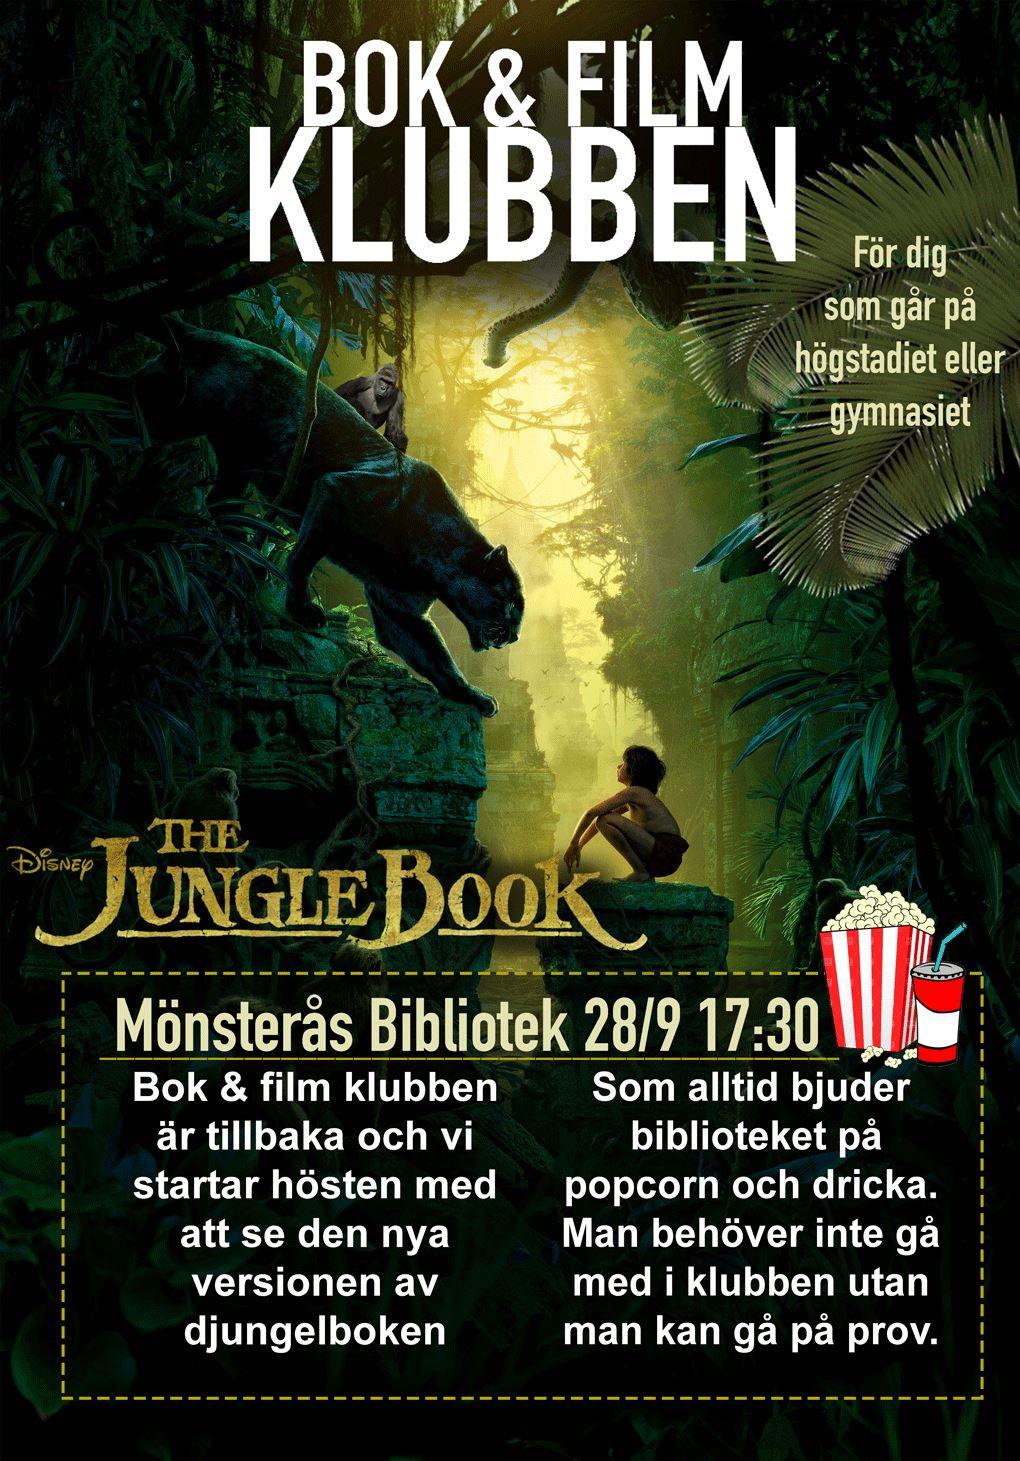 Bok- och filmklubben på Mönsterås bibliotek